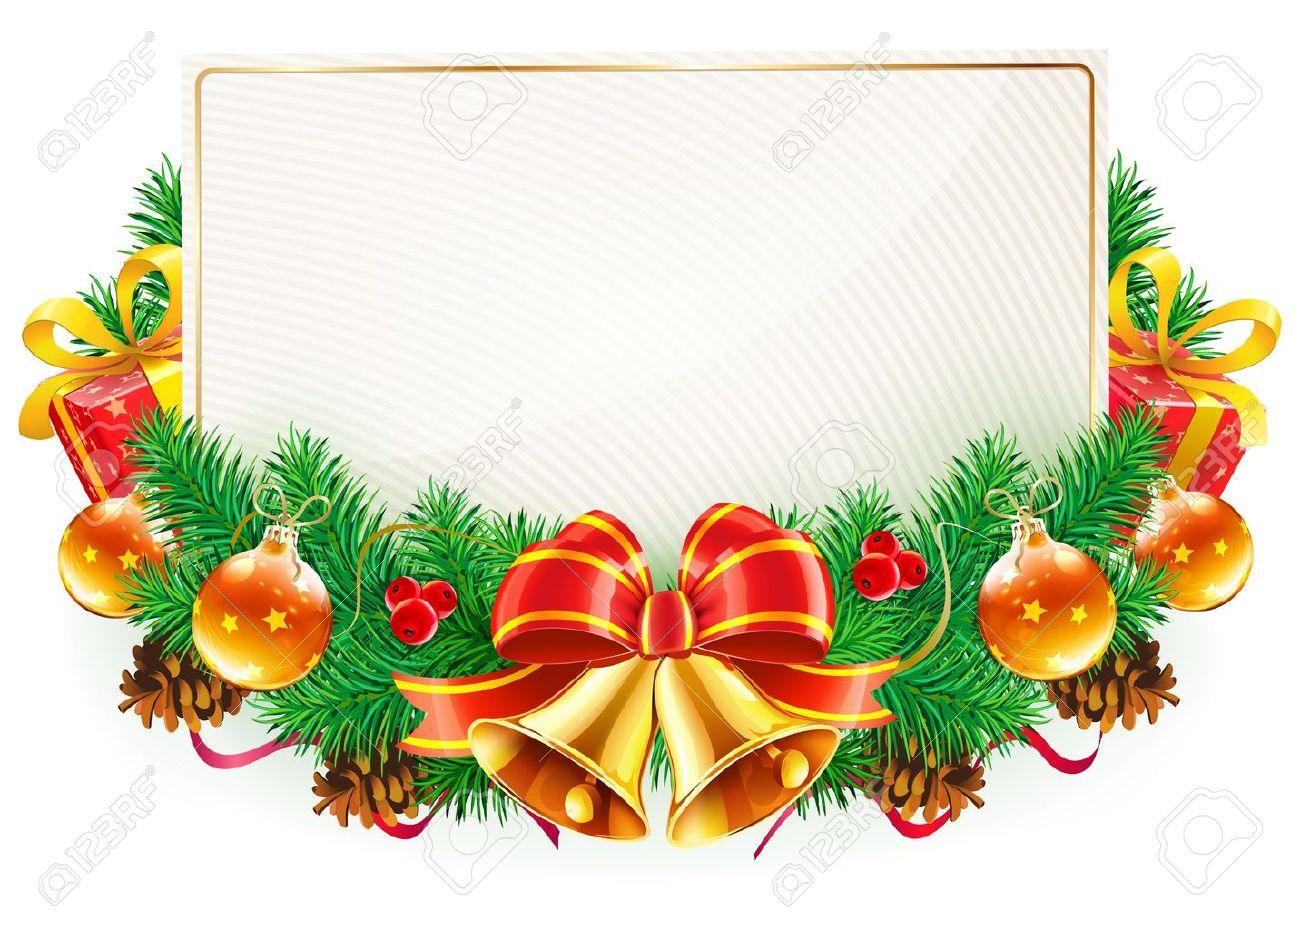 Vector Illustration Weihnachten Dekorativen Rahmen Mit Immergrünen